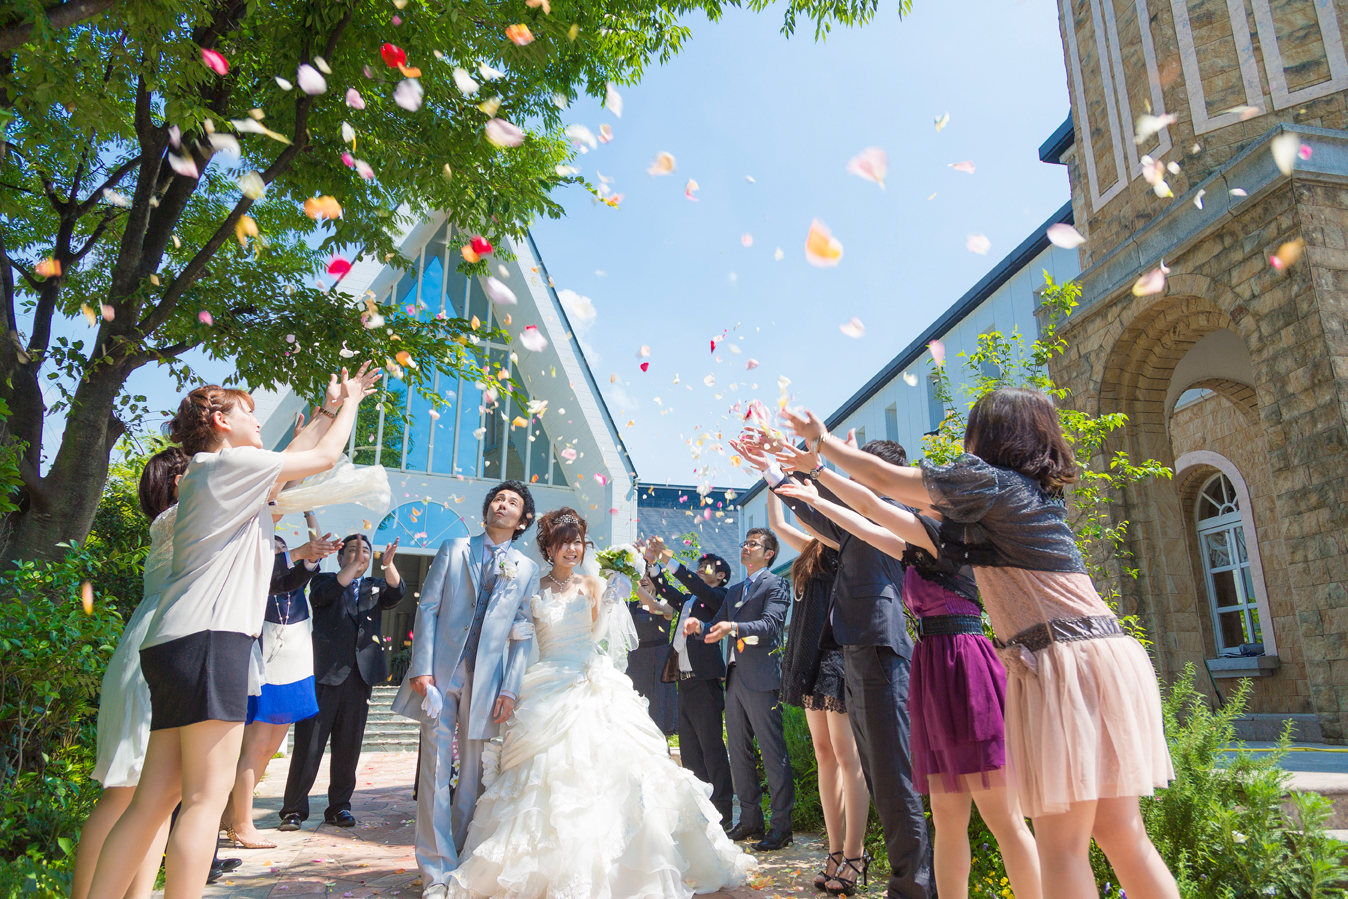 色とりどりのフラワーシャワーは花嫁をもっと可愛く見せてくれるセレモニー | 愛媛県西条市の結婚式場ベルフォーレ西条